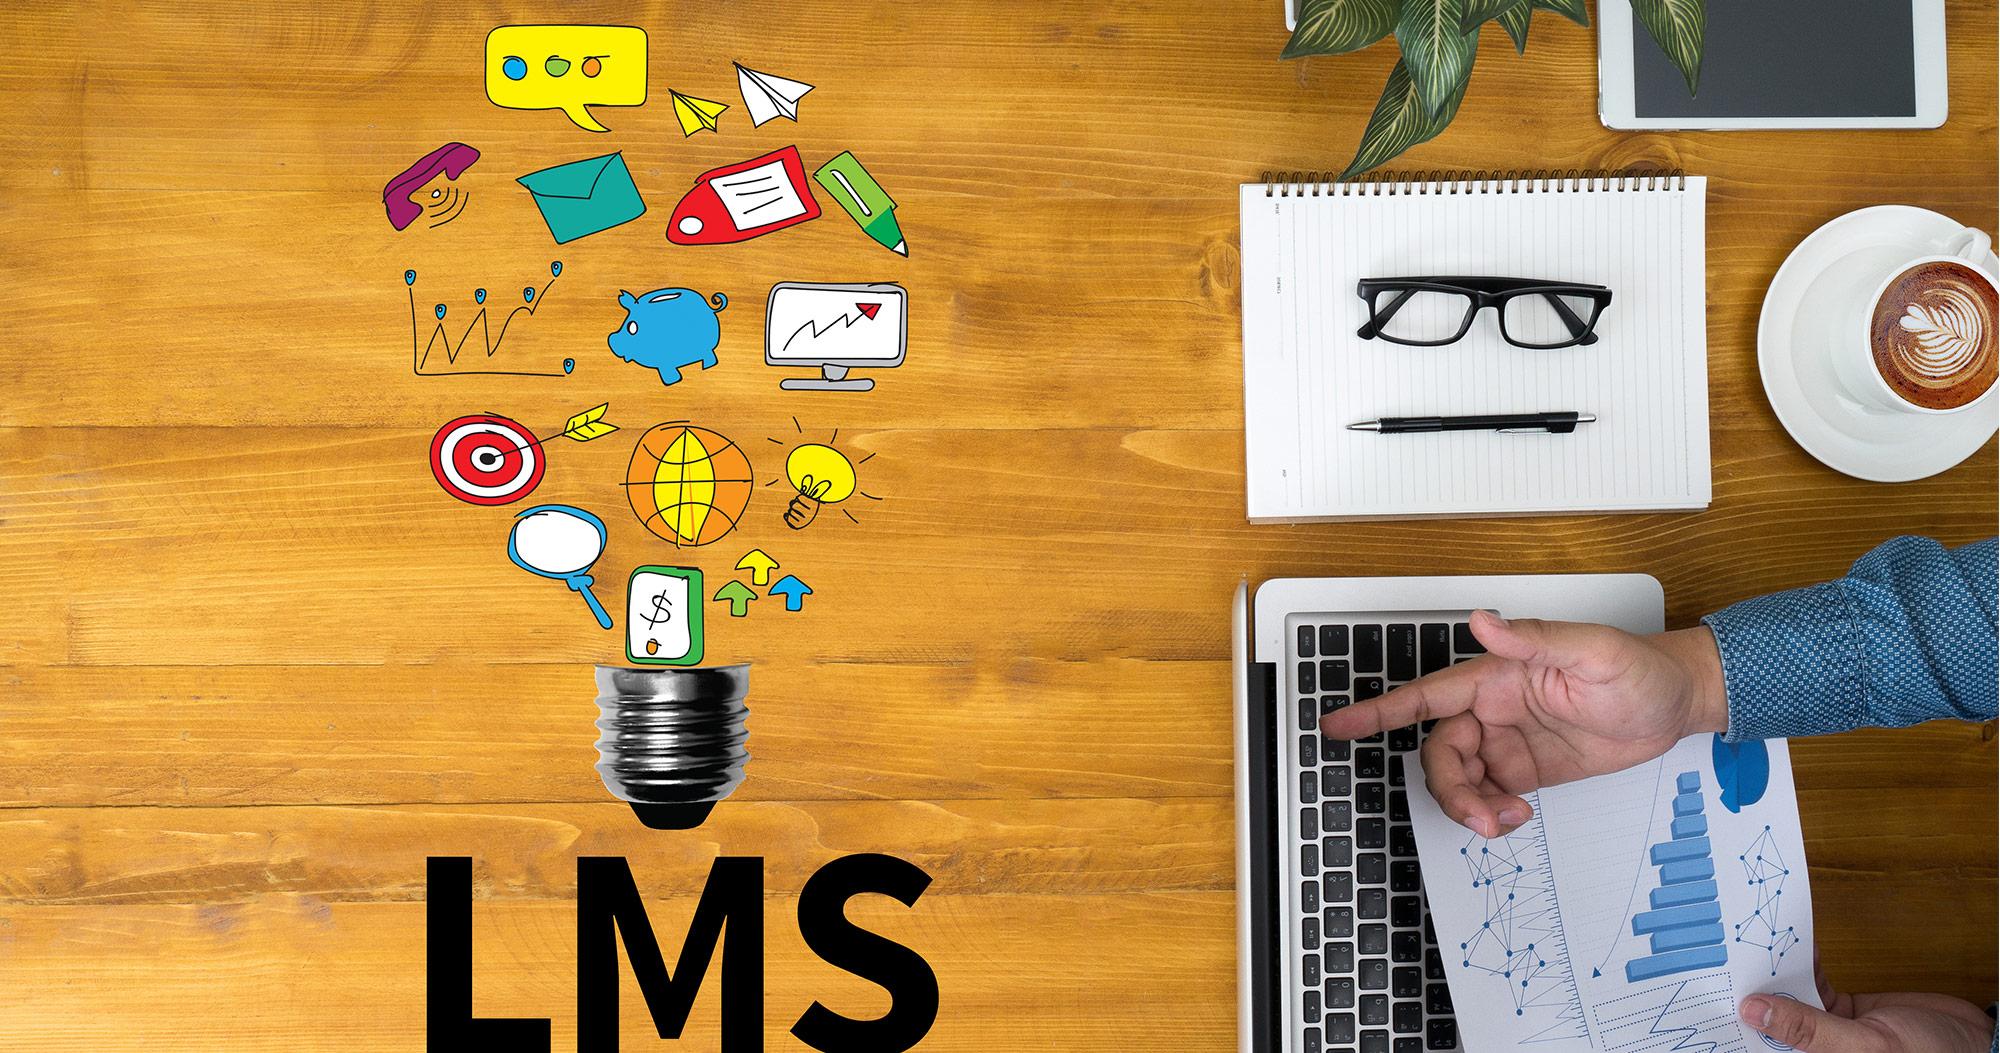 eラーニングのLMS(学習管理システム)とは-概要から機能まで紹介-